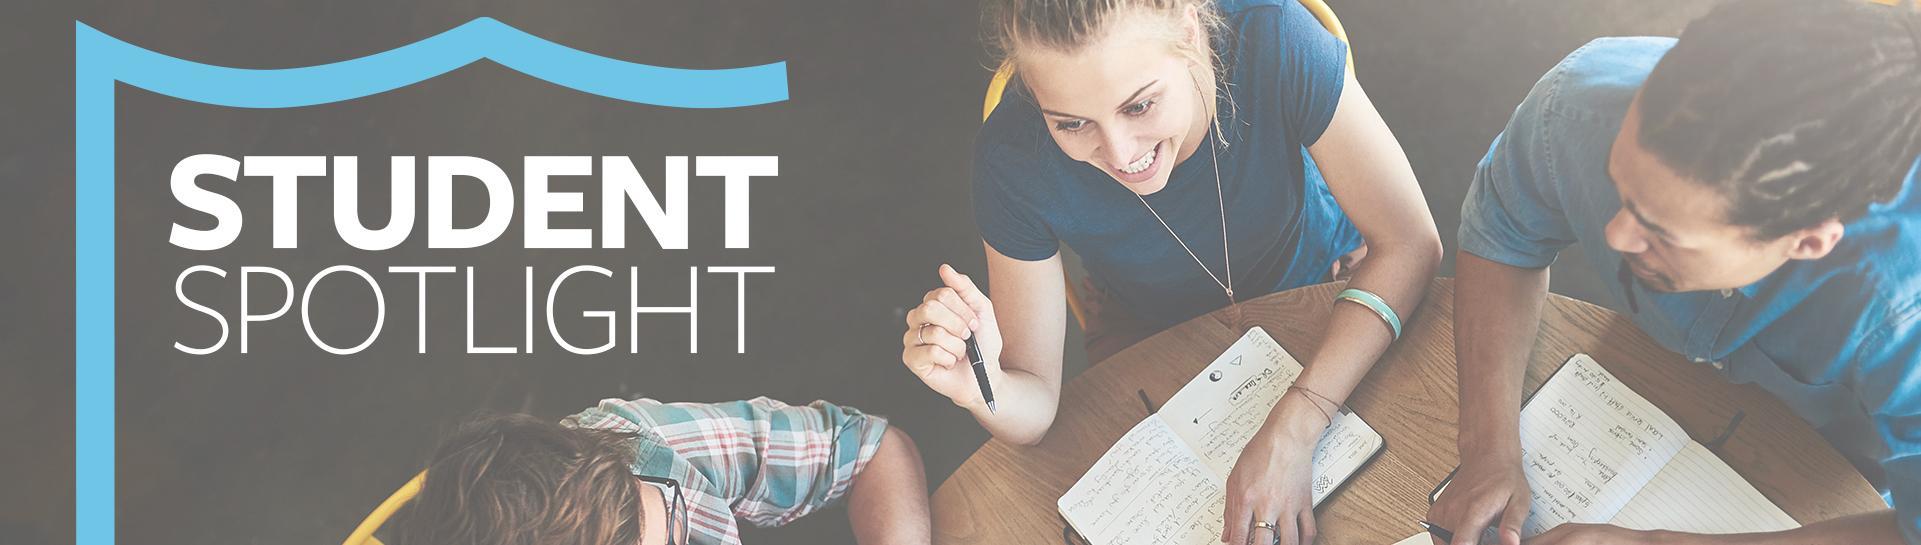 Student Spotlight Header Image